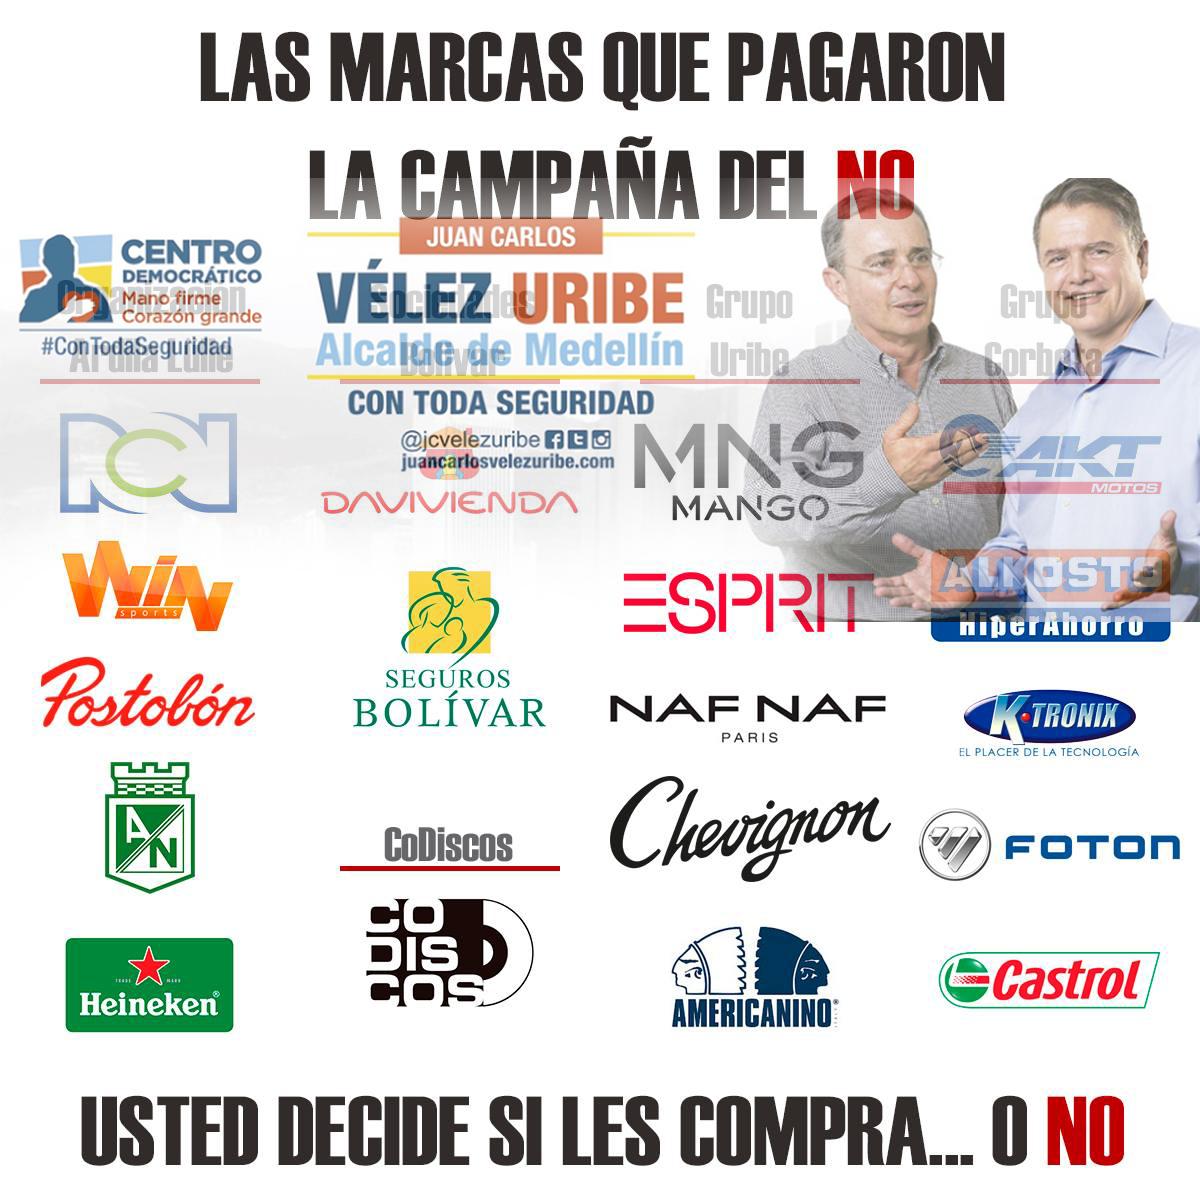 Juan Carlos Vélez Uribe renuncia al CD y cambia versión